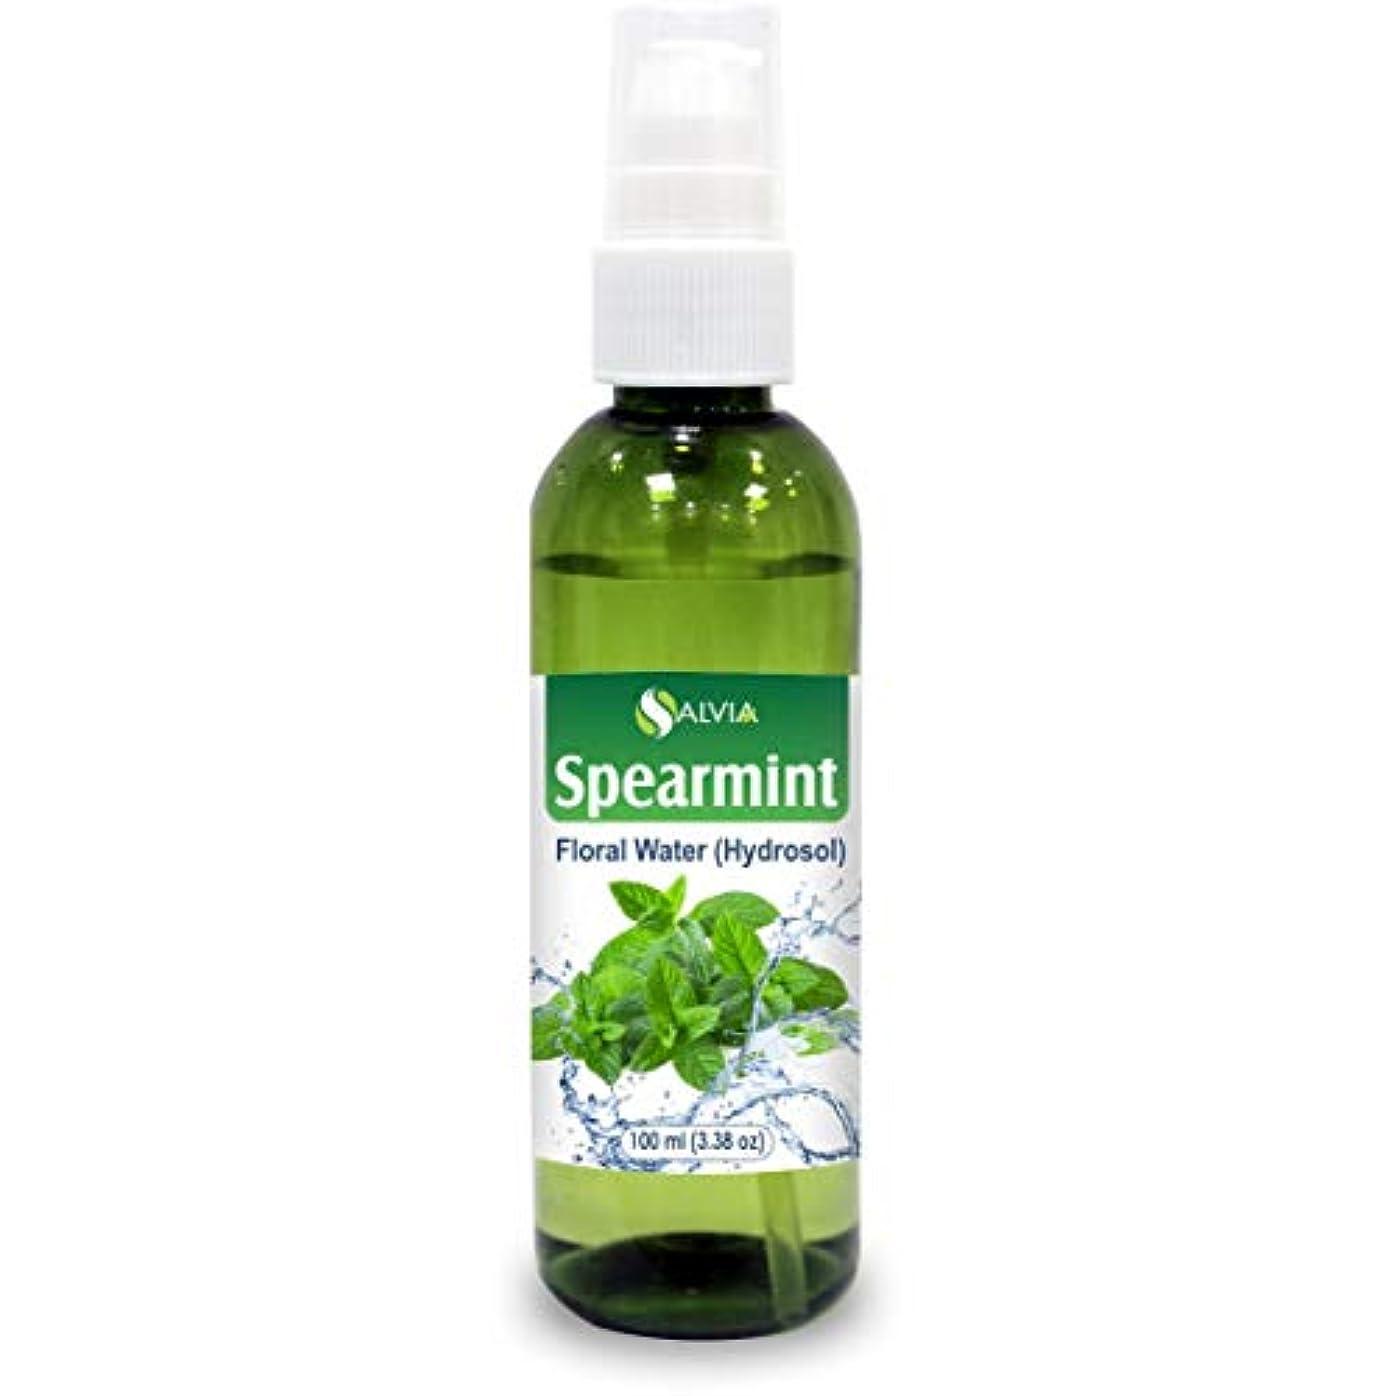 レイトロリーバス晩ごはんSpearmint Floral Water 100ml (Hydrosol) 100% Pure And Natural